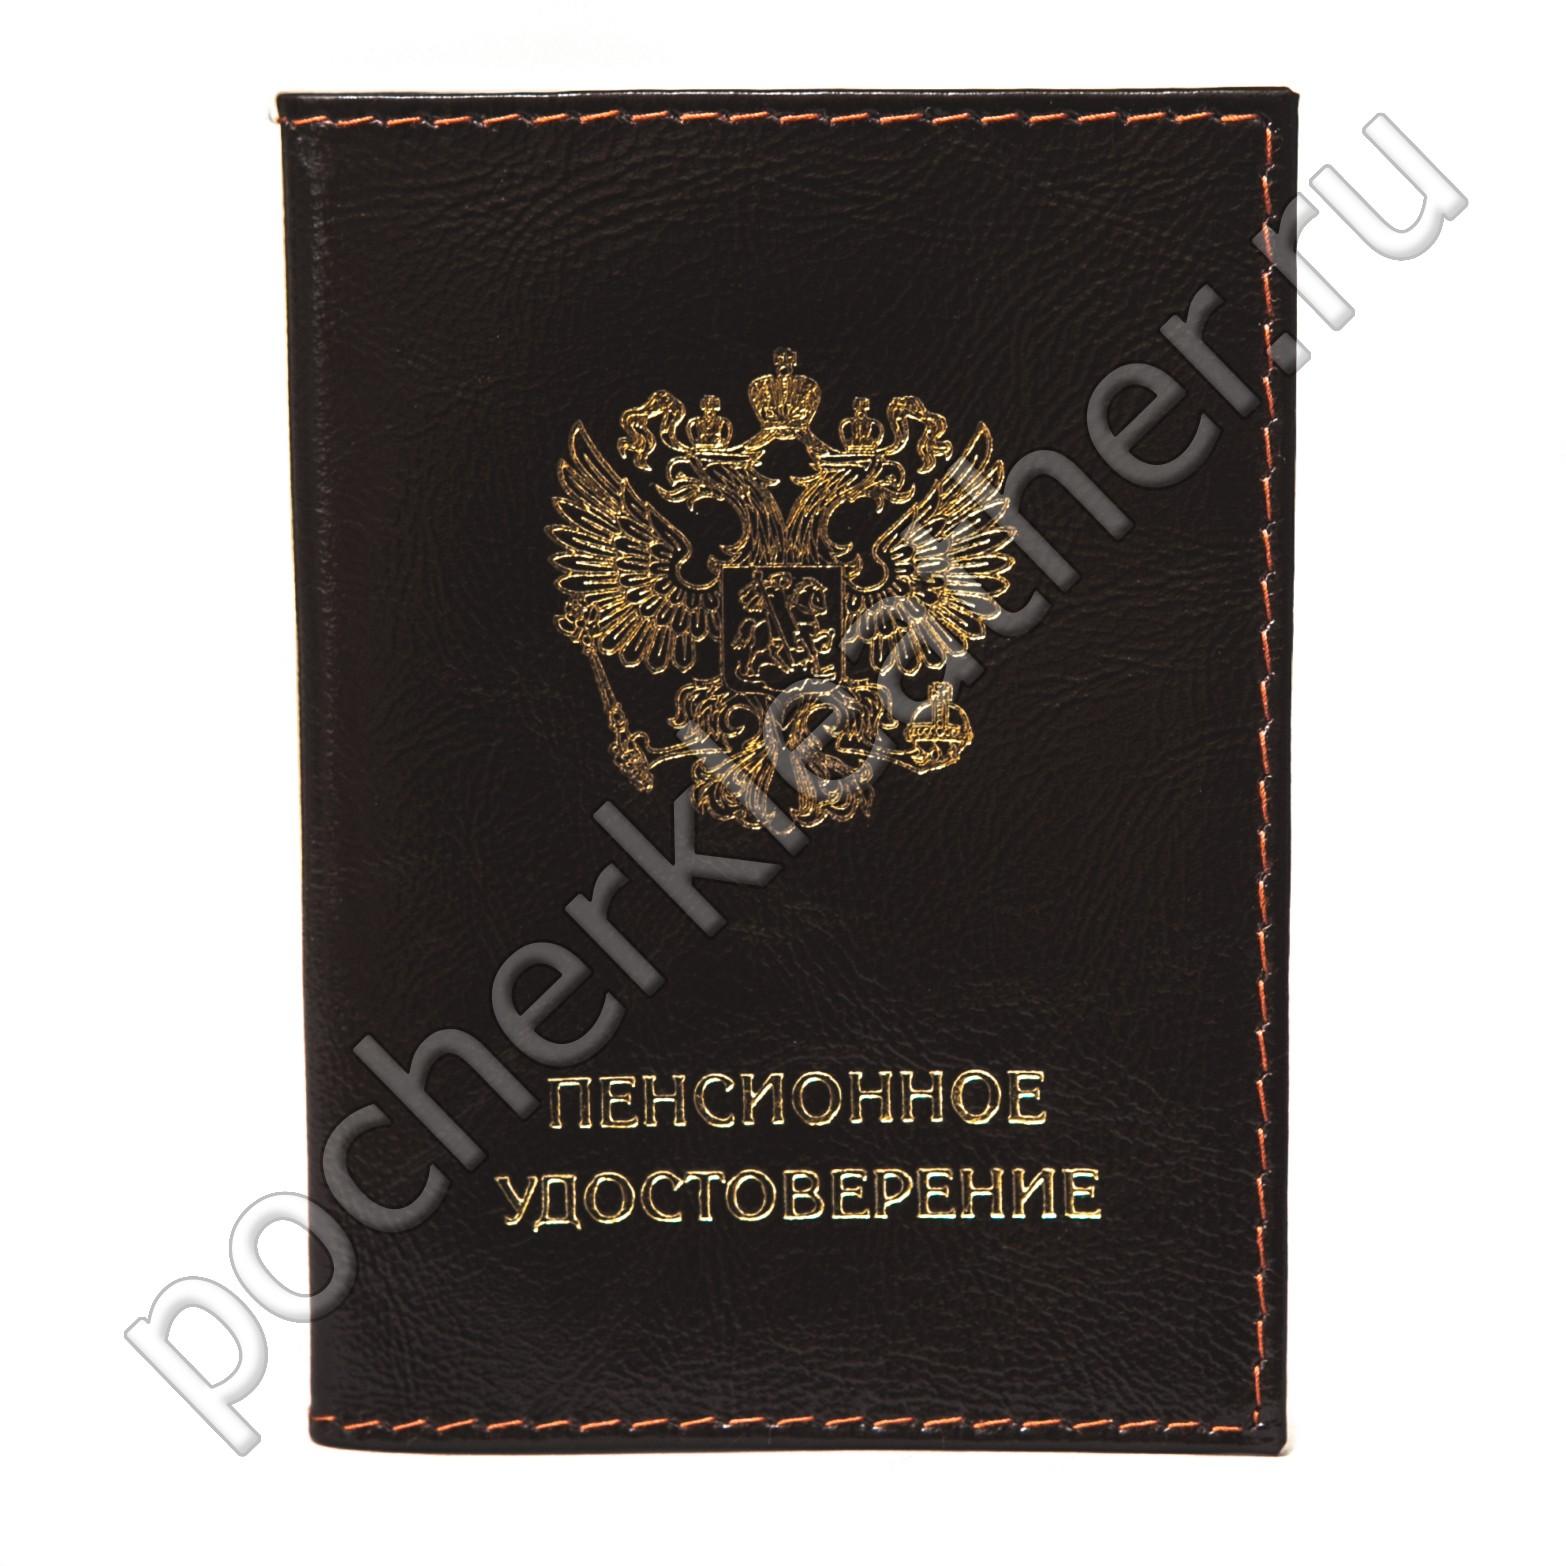 Обложка для пенсионного удостоверения 5402